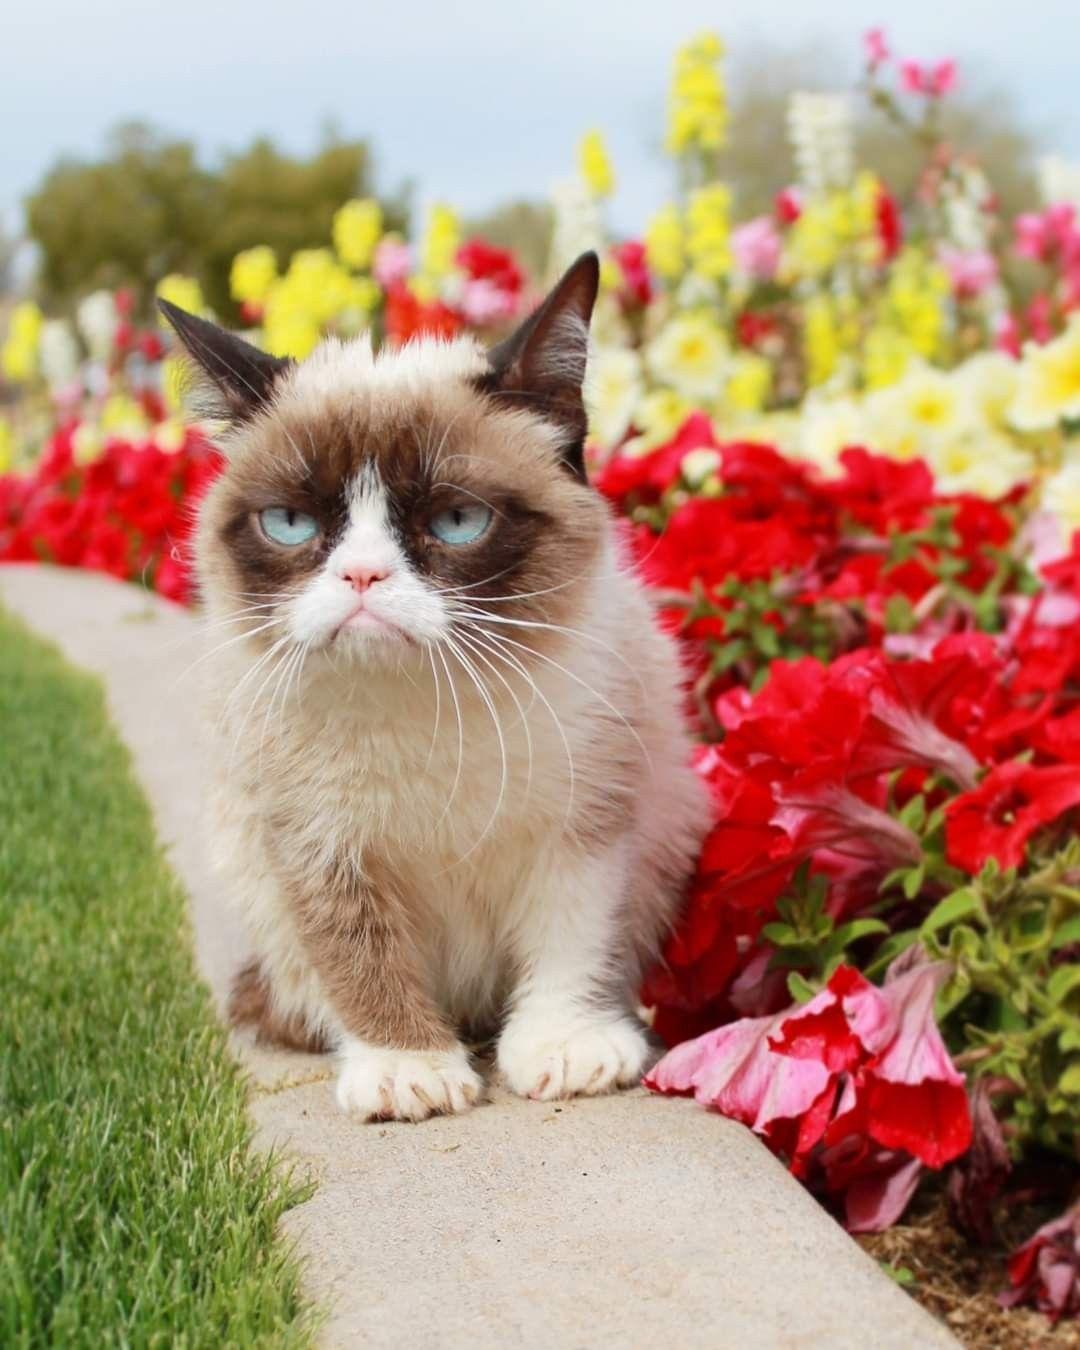 Pin by Ellen Burch on grumpy in 2020 Grumpy cat meme